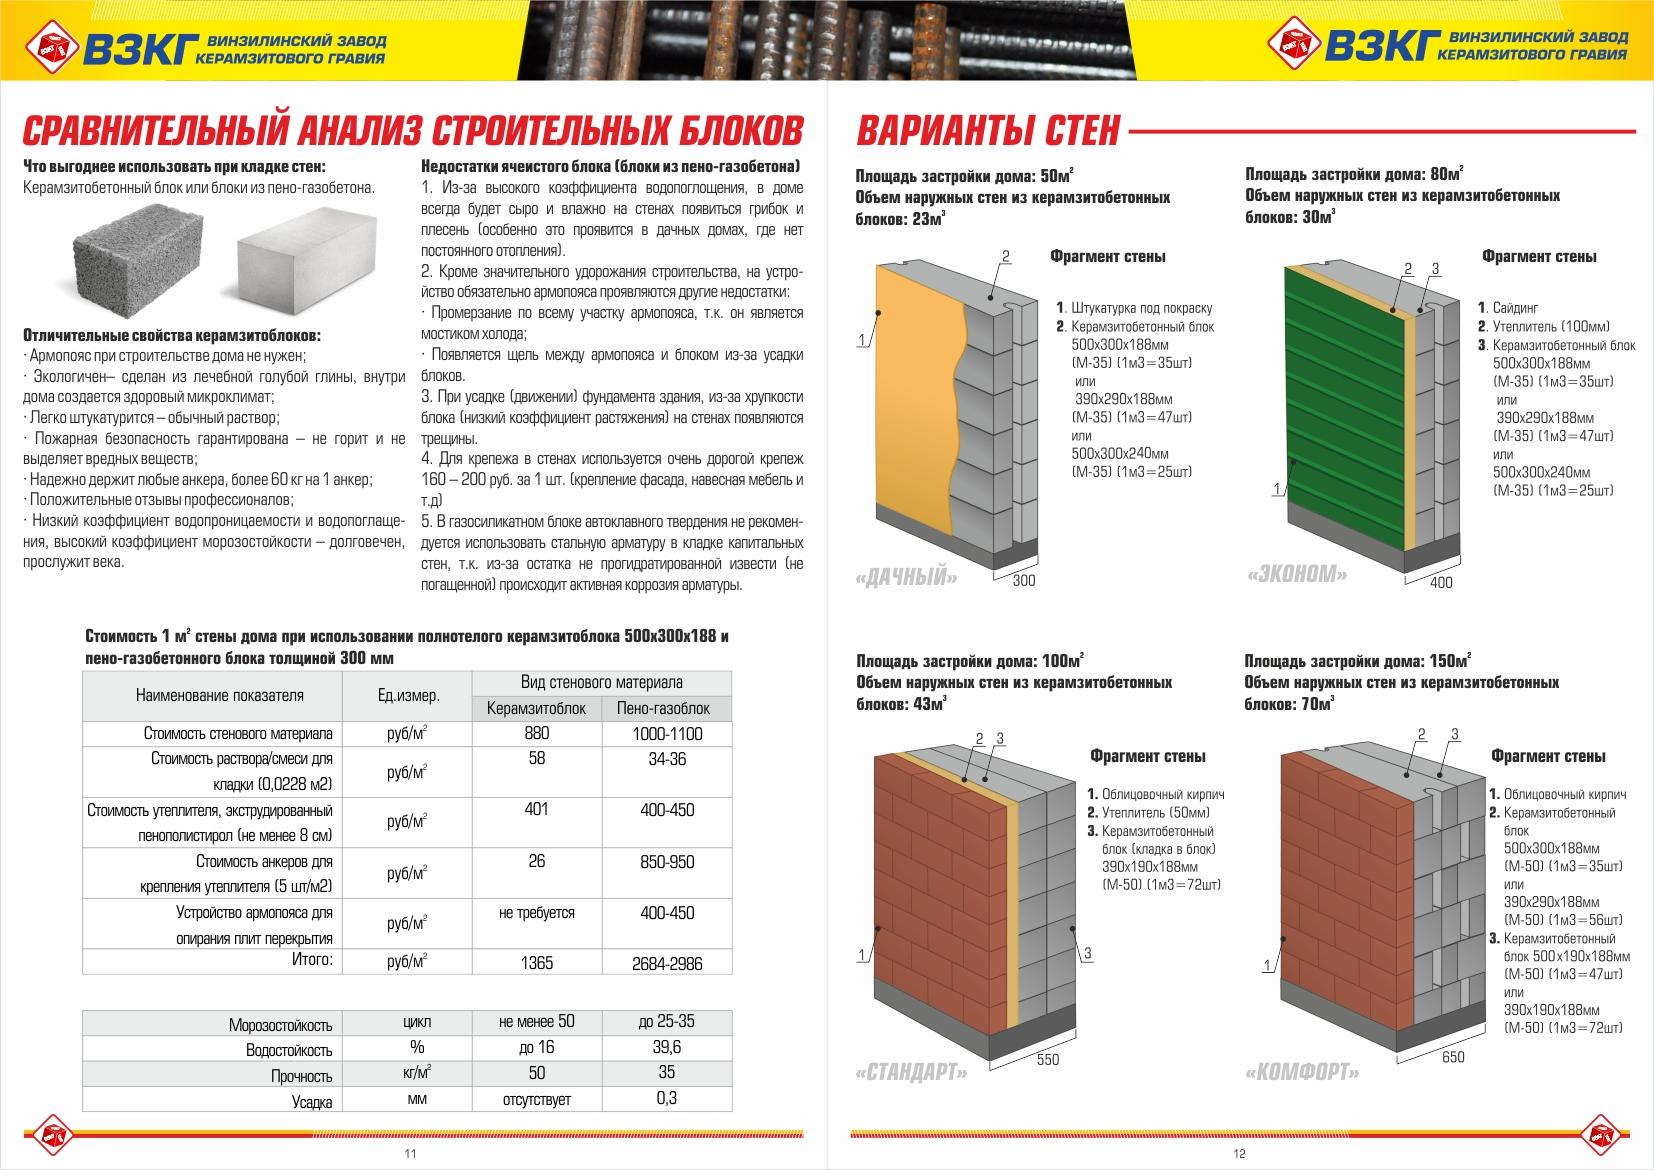 Себестоимость керамзитоблока 5